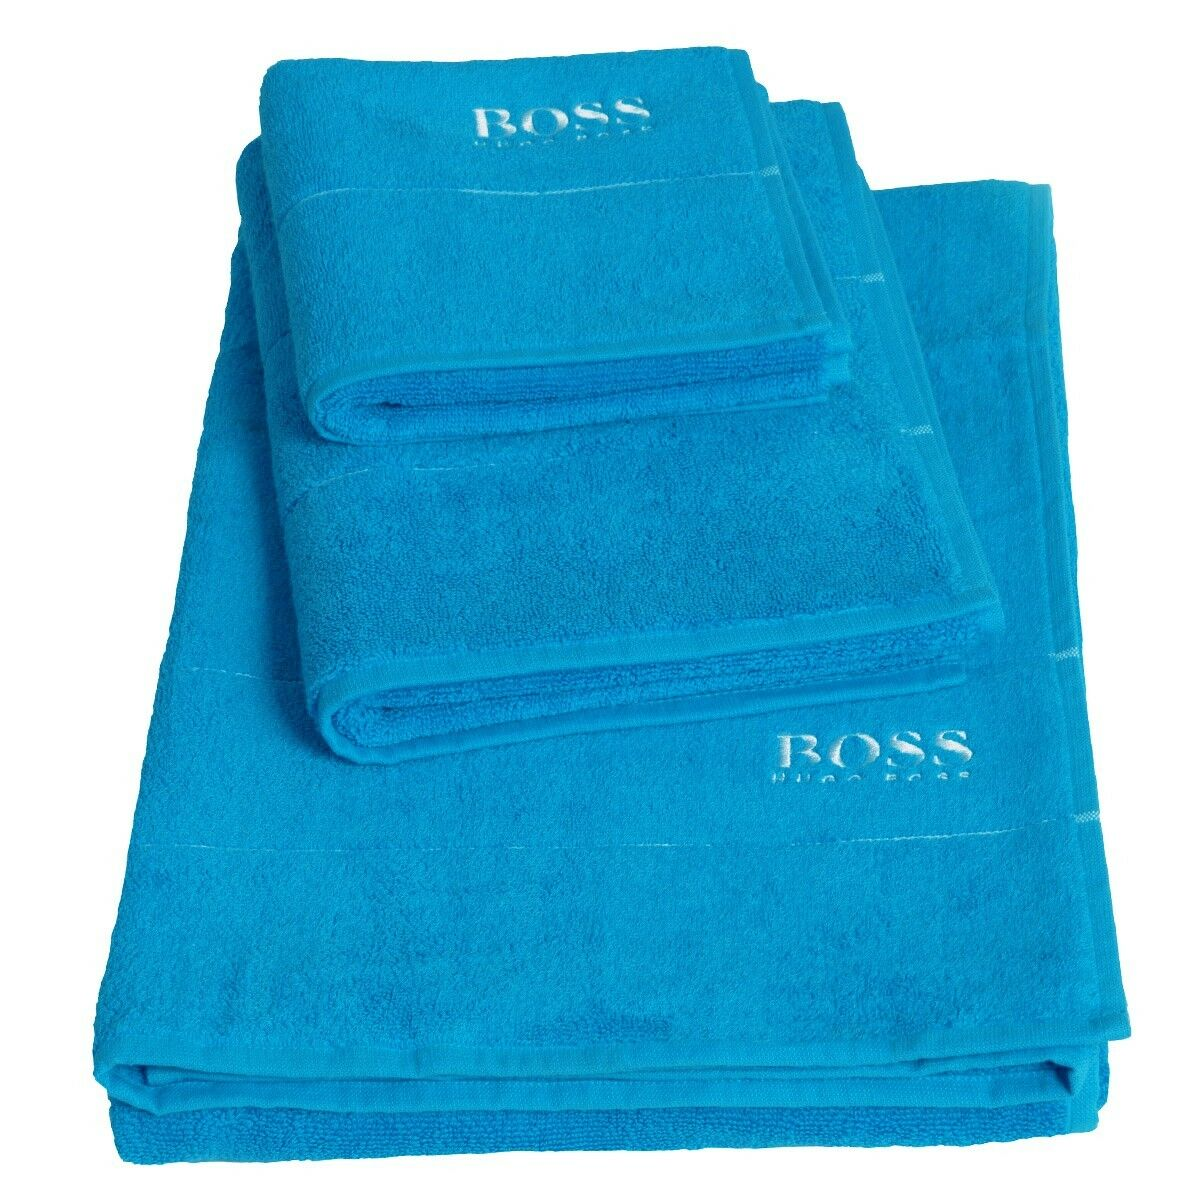 Hugo Boss Plain Bath Sheet, Pool - Set of 2